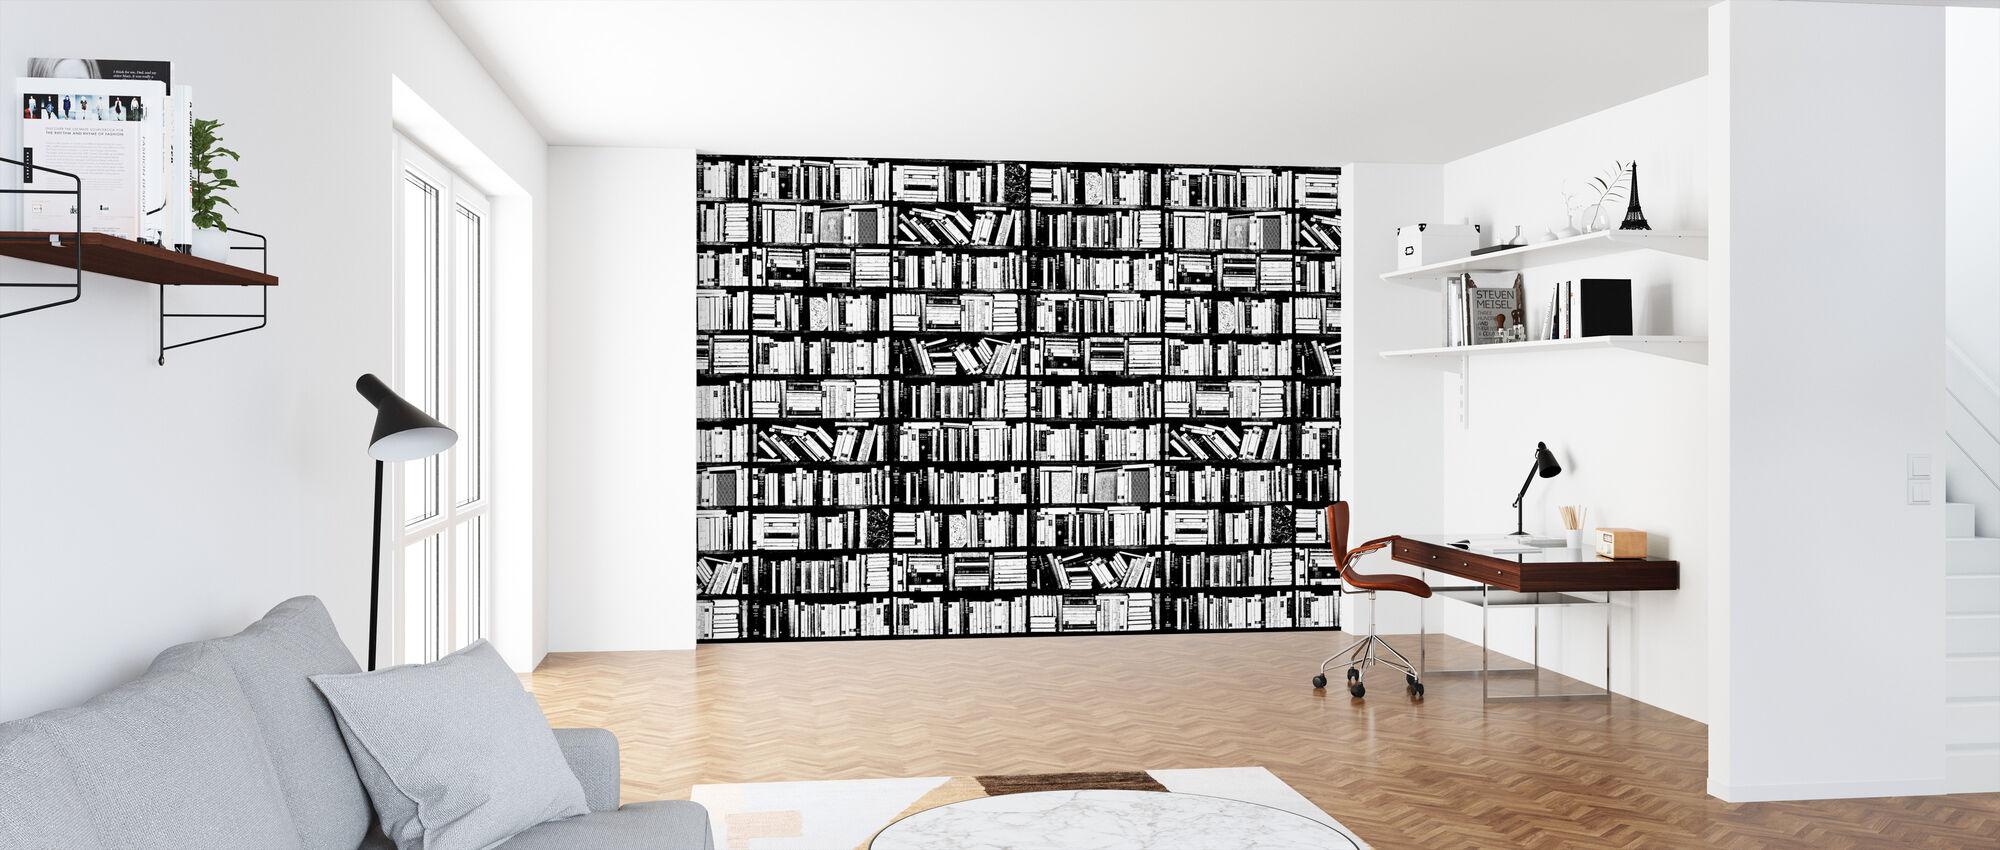 Bookshelf - Graphic Black White - Wallpaper - Office